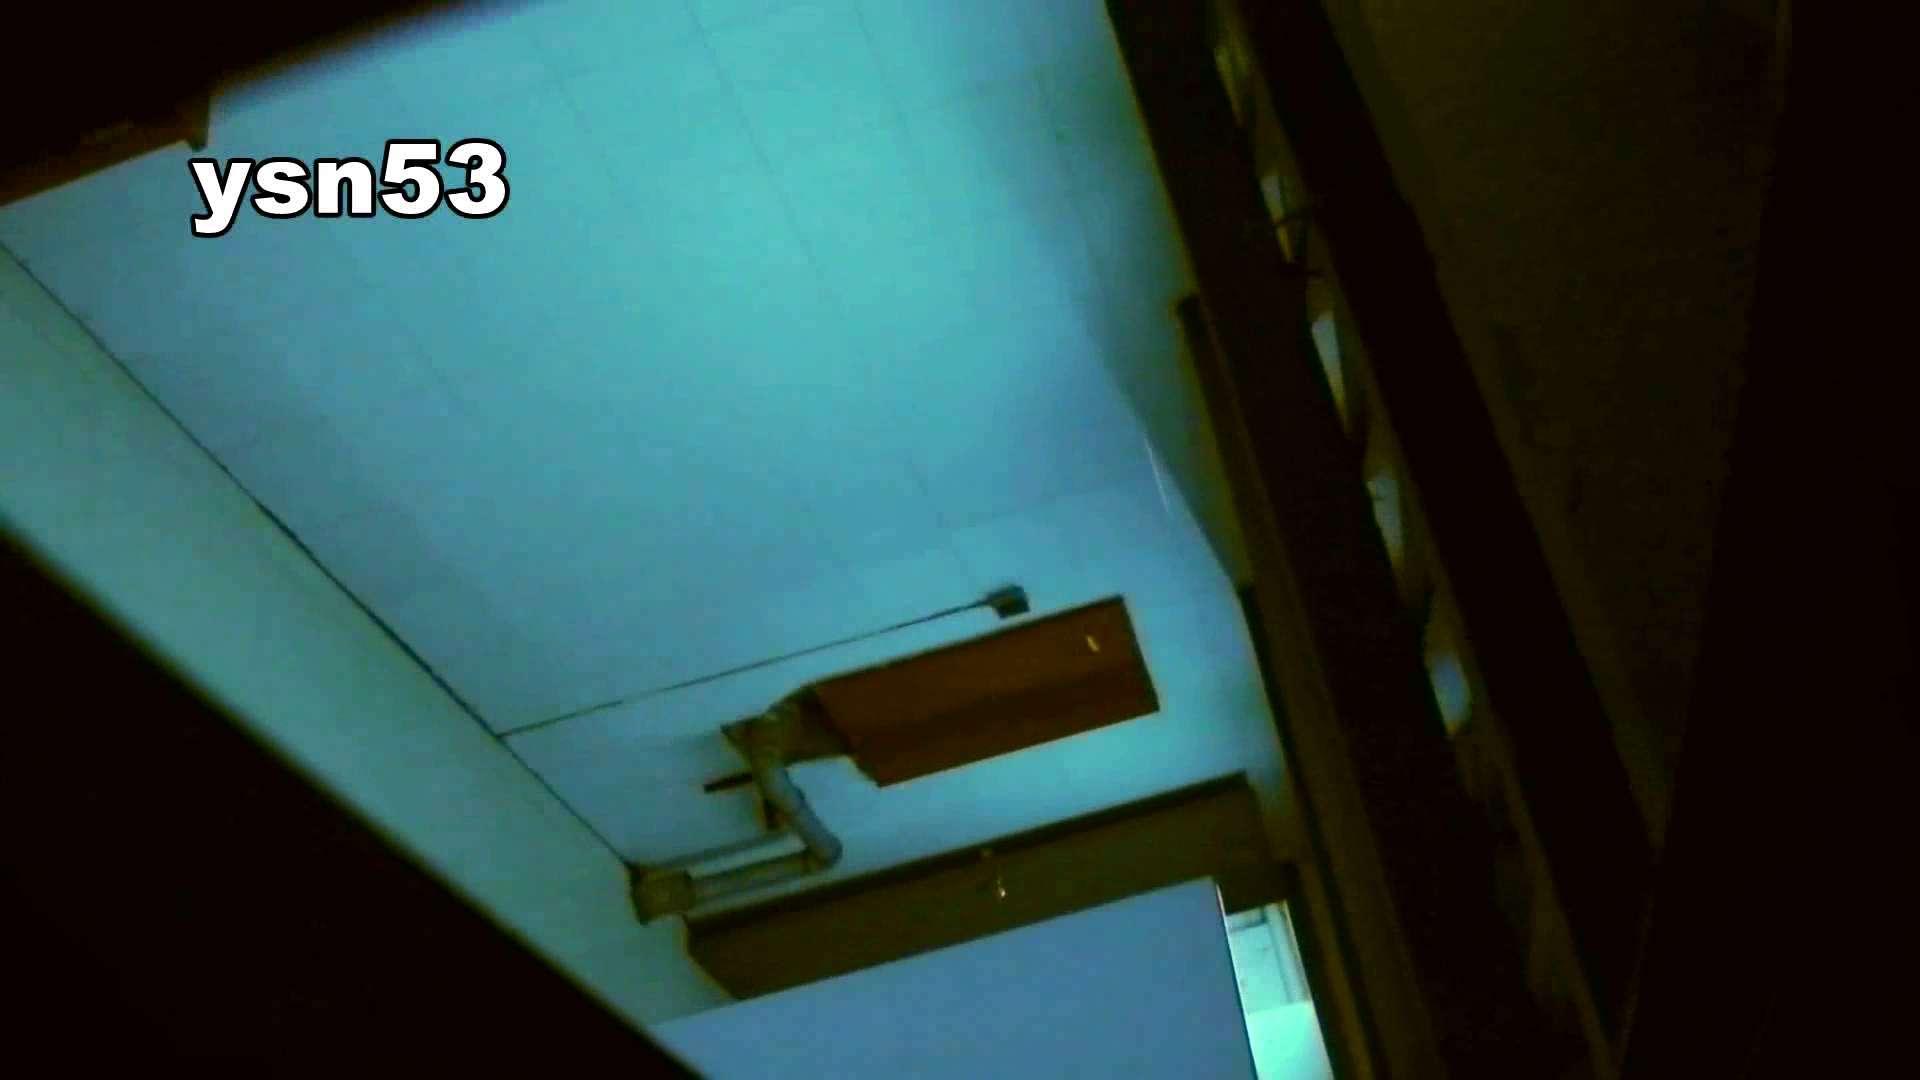 世界の射窓から vol.53 Yellowさん 丸見え | ギャルズ  30画像 6